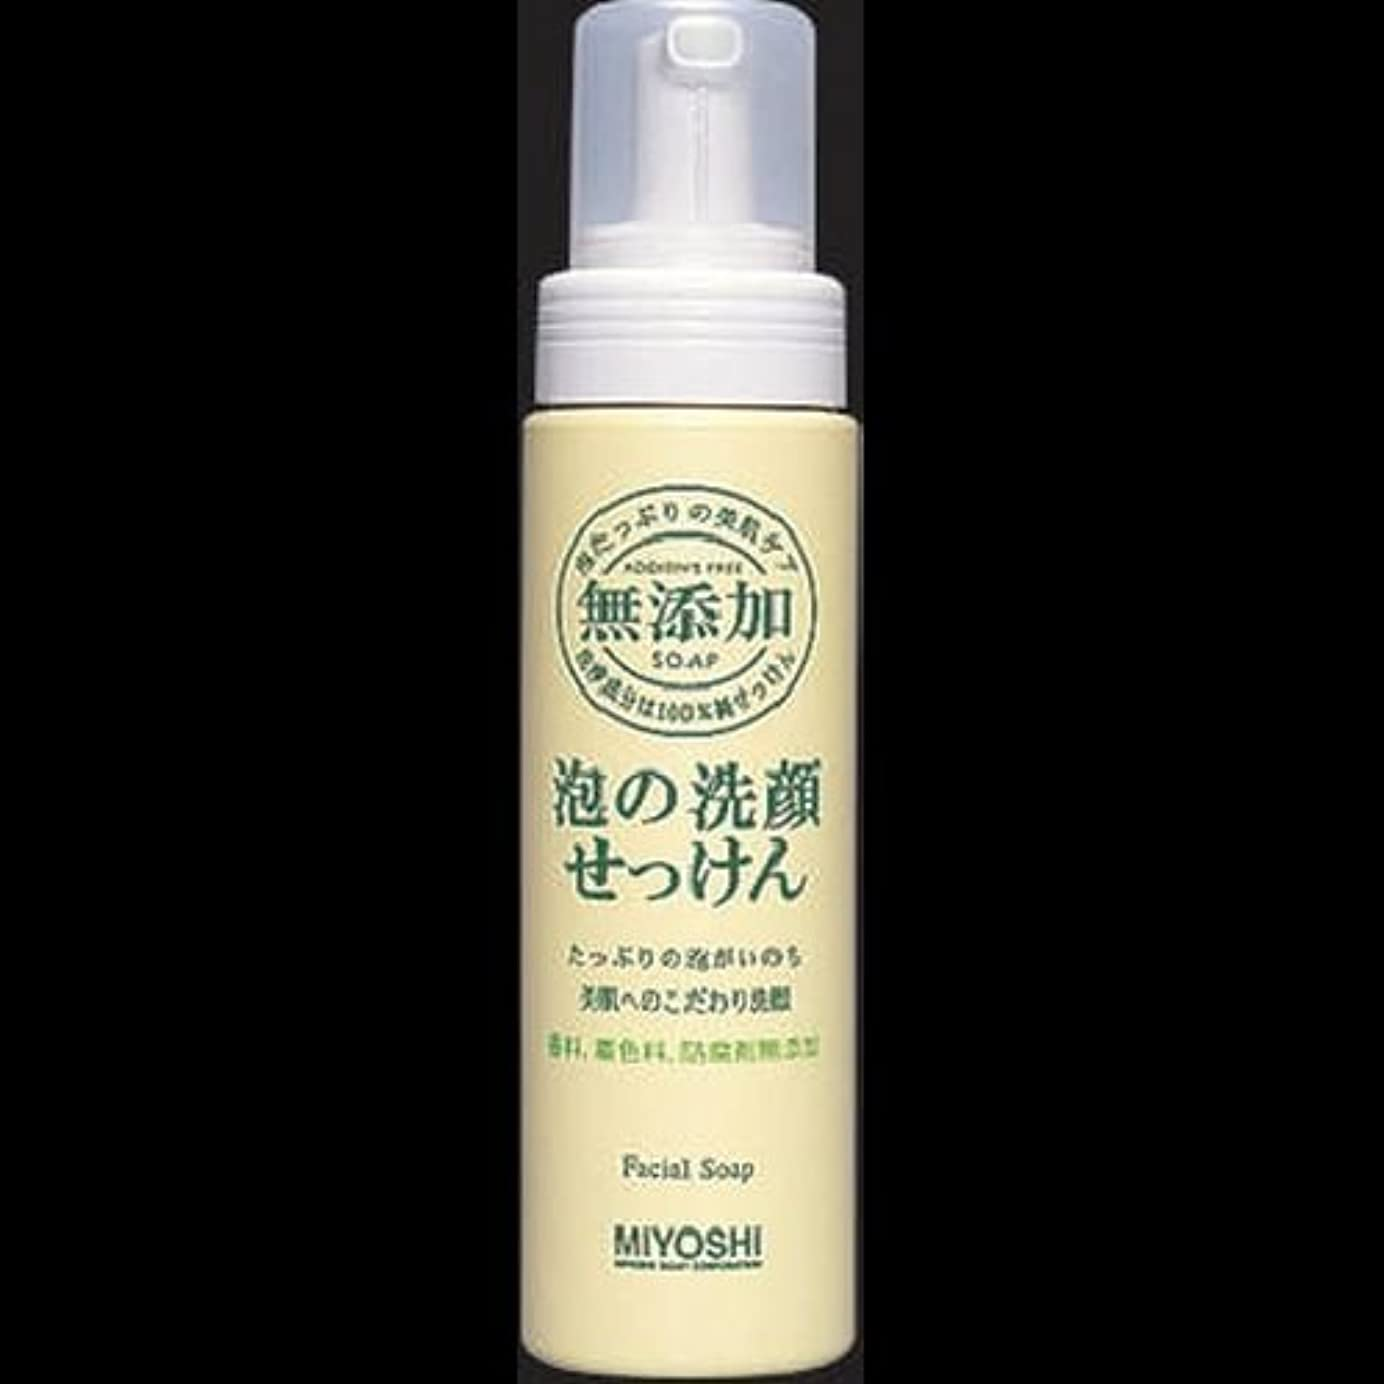 フレアアピールグリット【まとめ買い】ミヨシ 無添加 泡の洗顔せっけん ×2セット